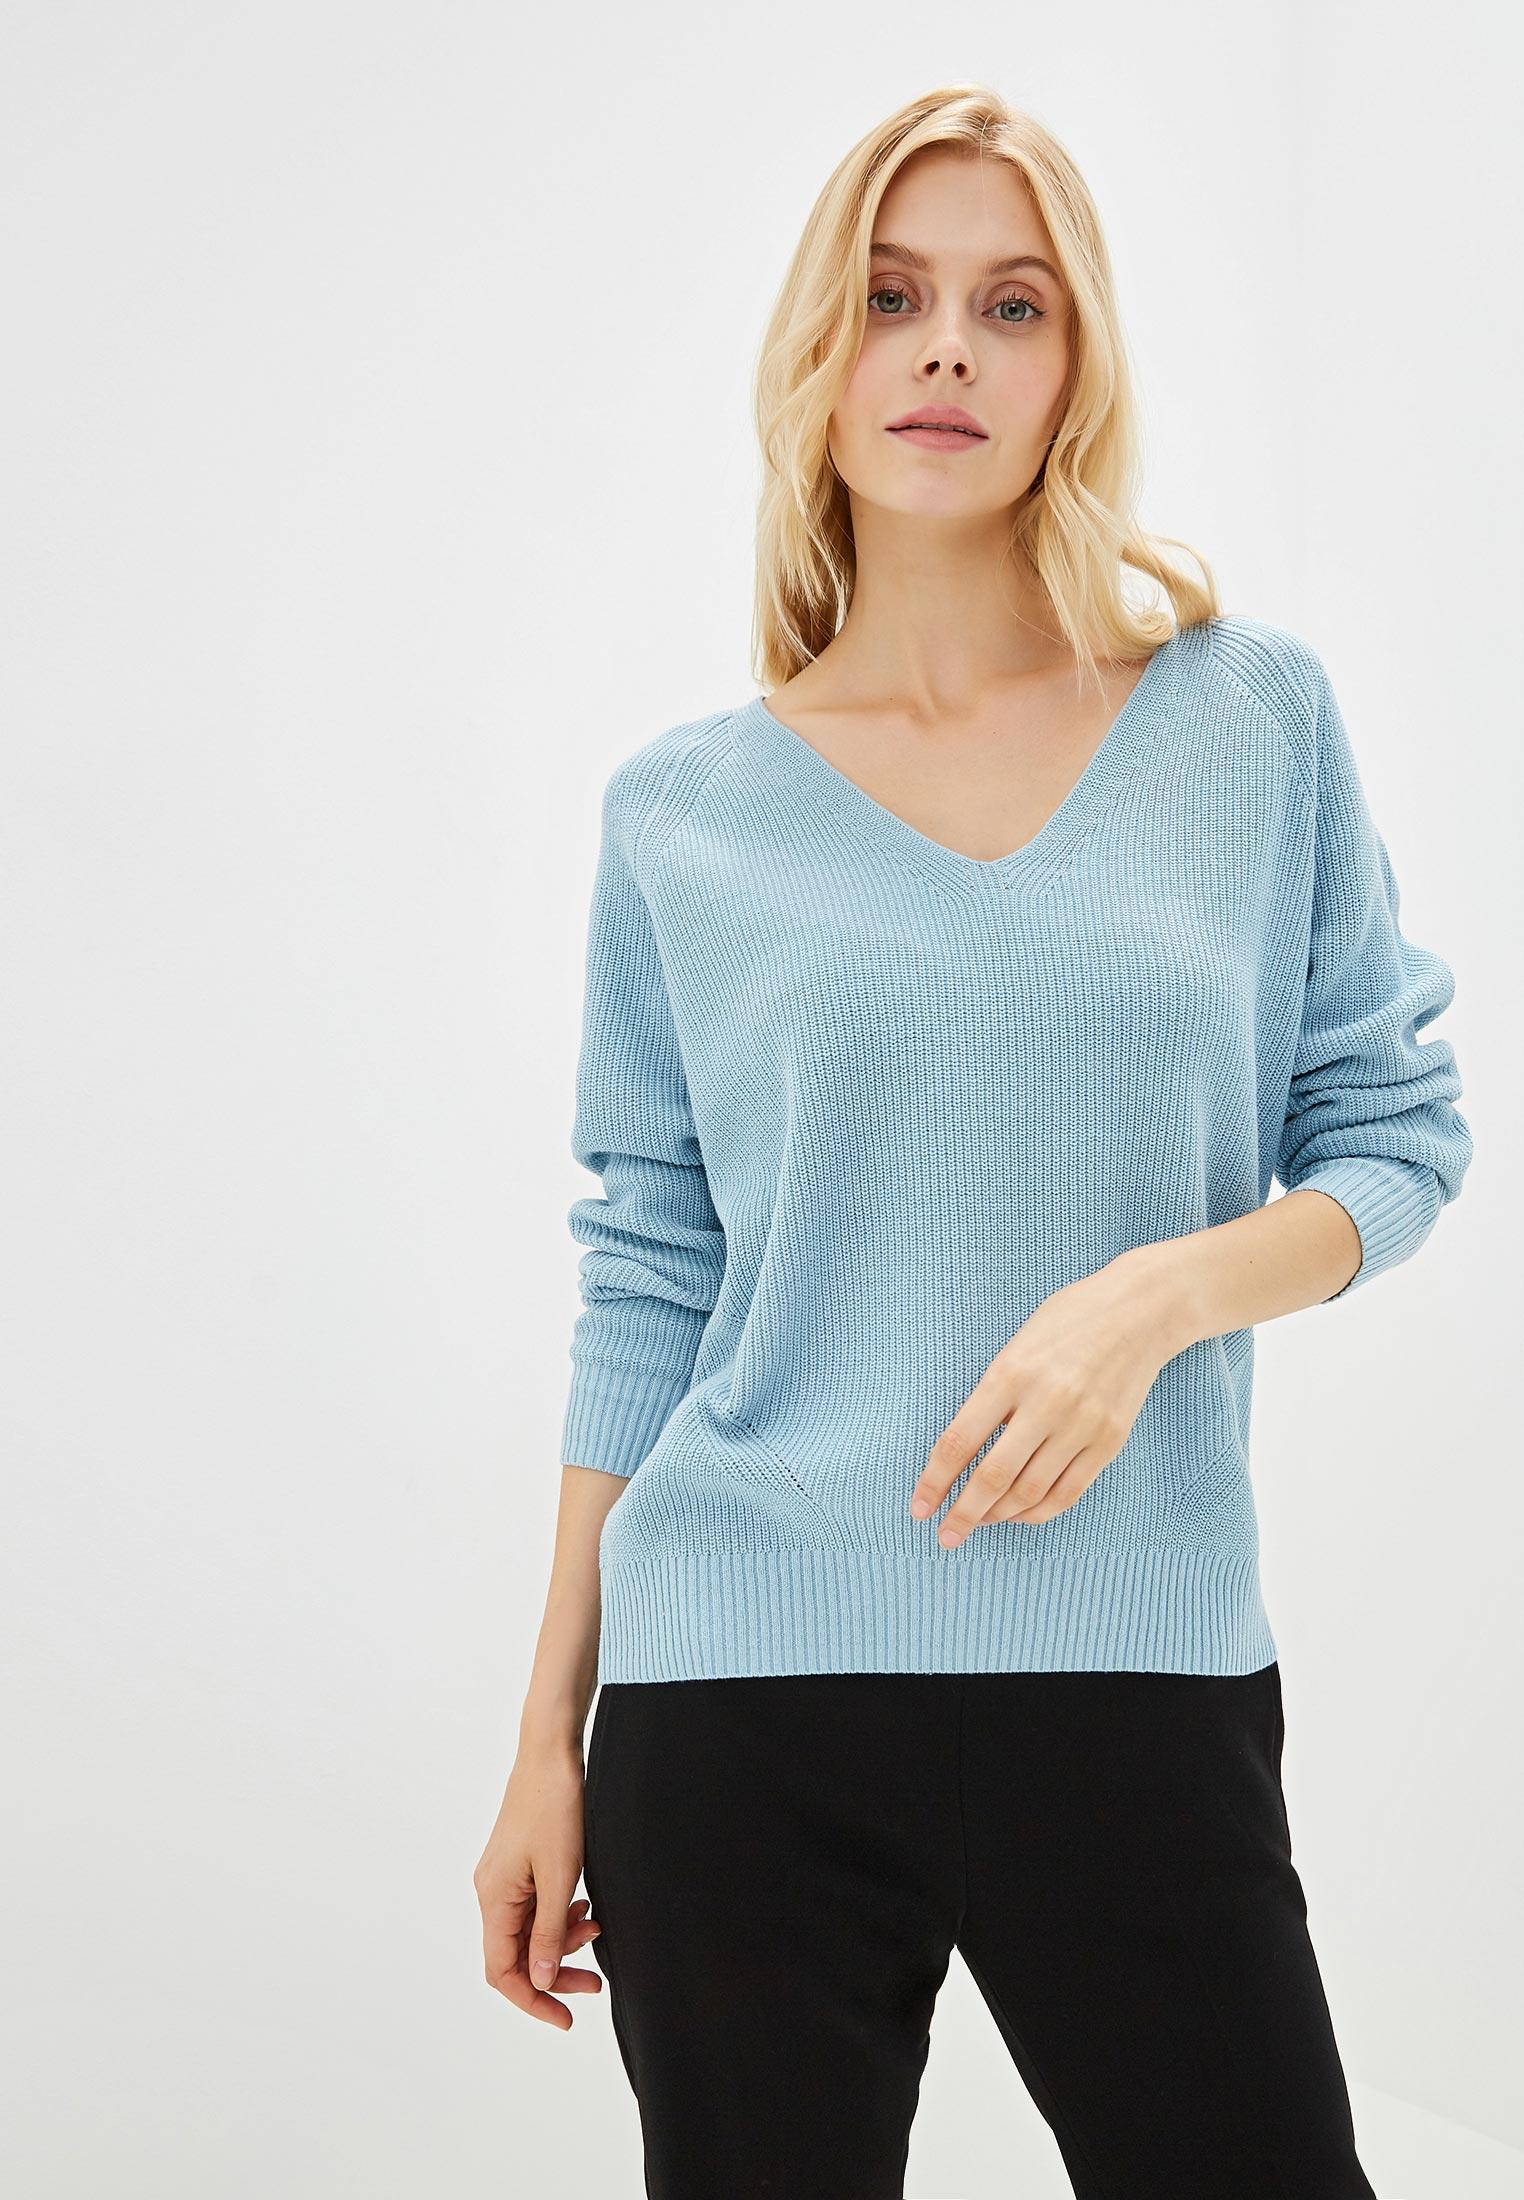 Пуловер, Sela, цвет: голубой. Артикул: SE001EWGALC1. Одежда / Джемперы, свитеры и кардиганы